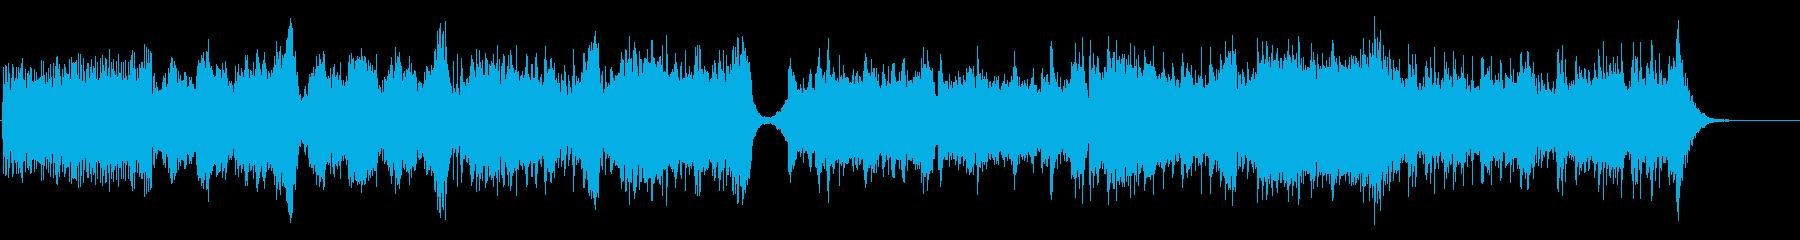 壮大なシネマティック音楽の再生済みの波形